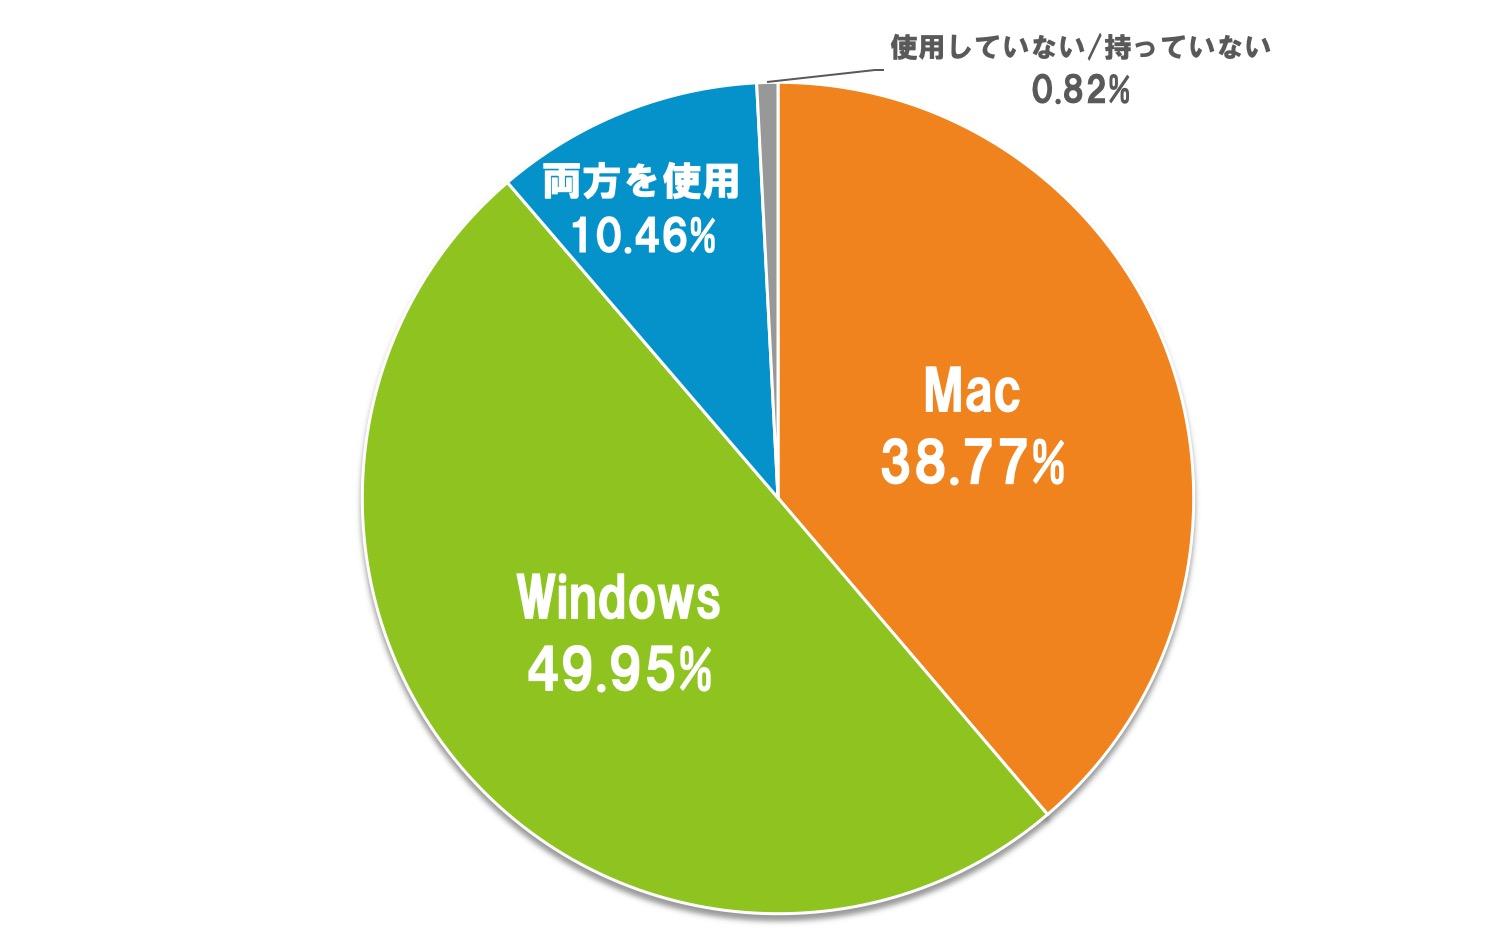 02.使用しているパソコン